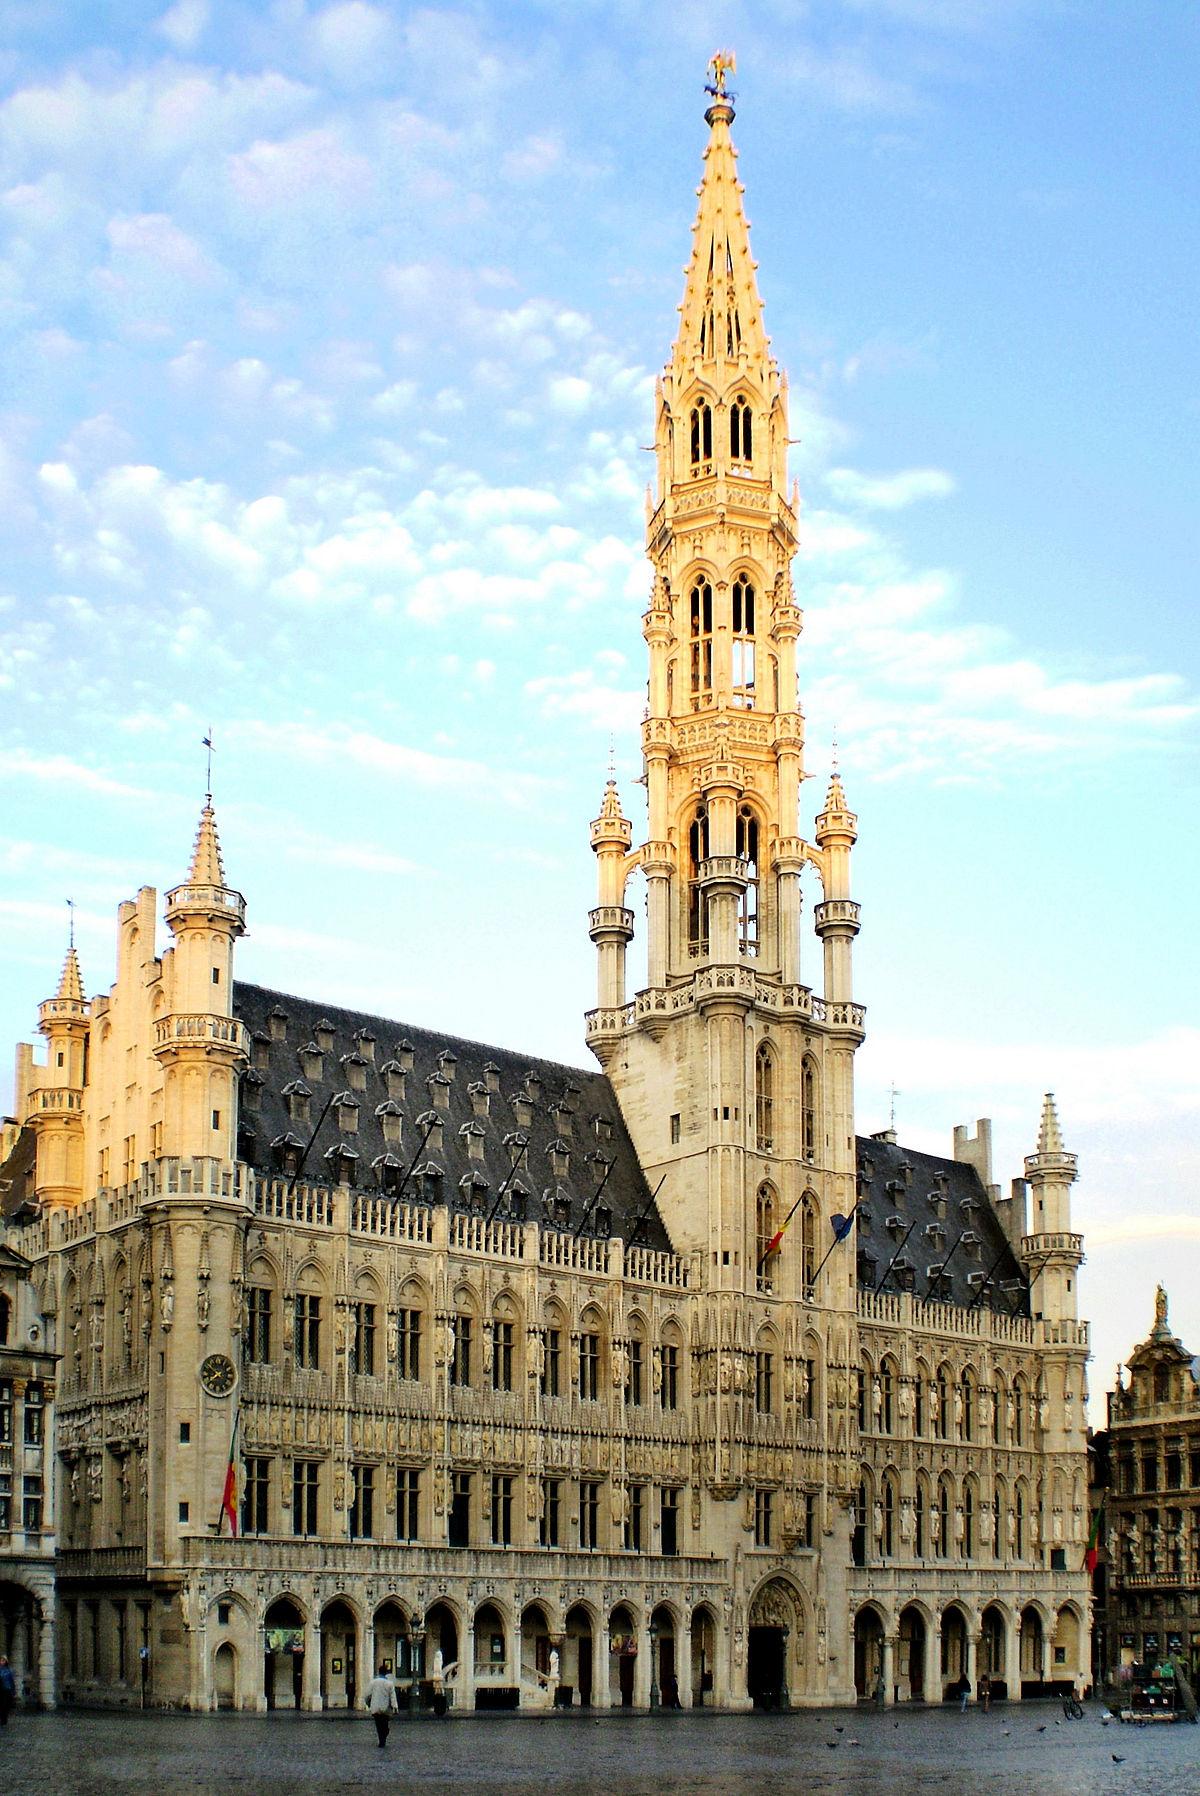 Ayuntamiento de bruselas wikipedia la enciclopedia libre for Hotel a bruxelles